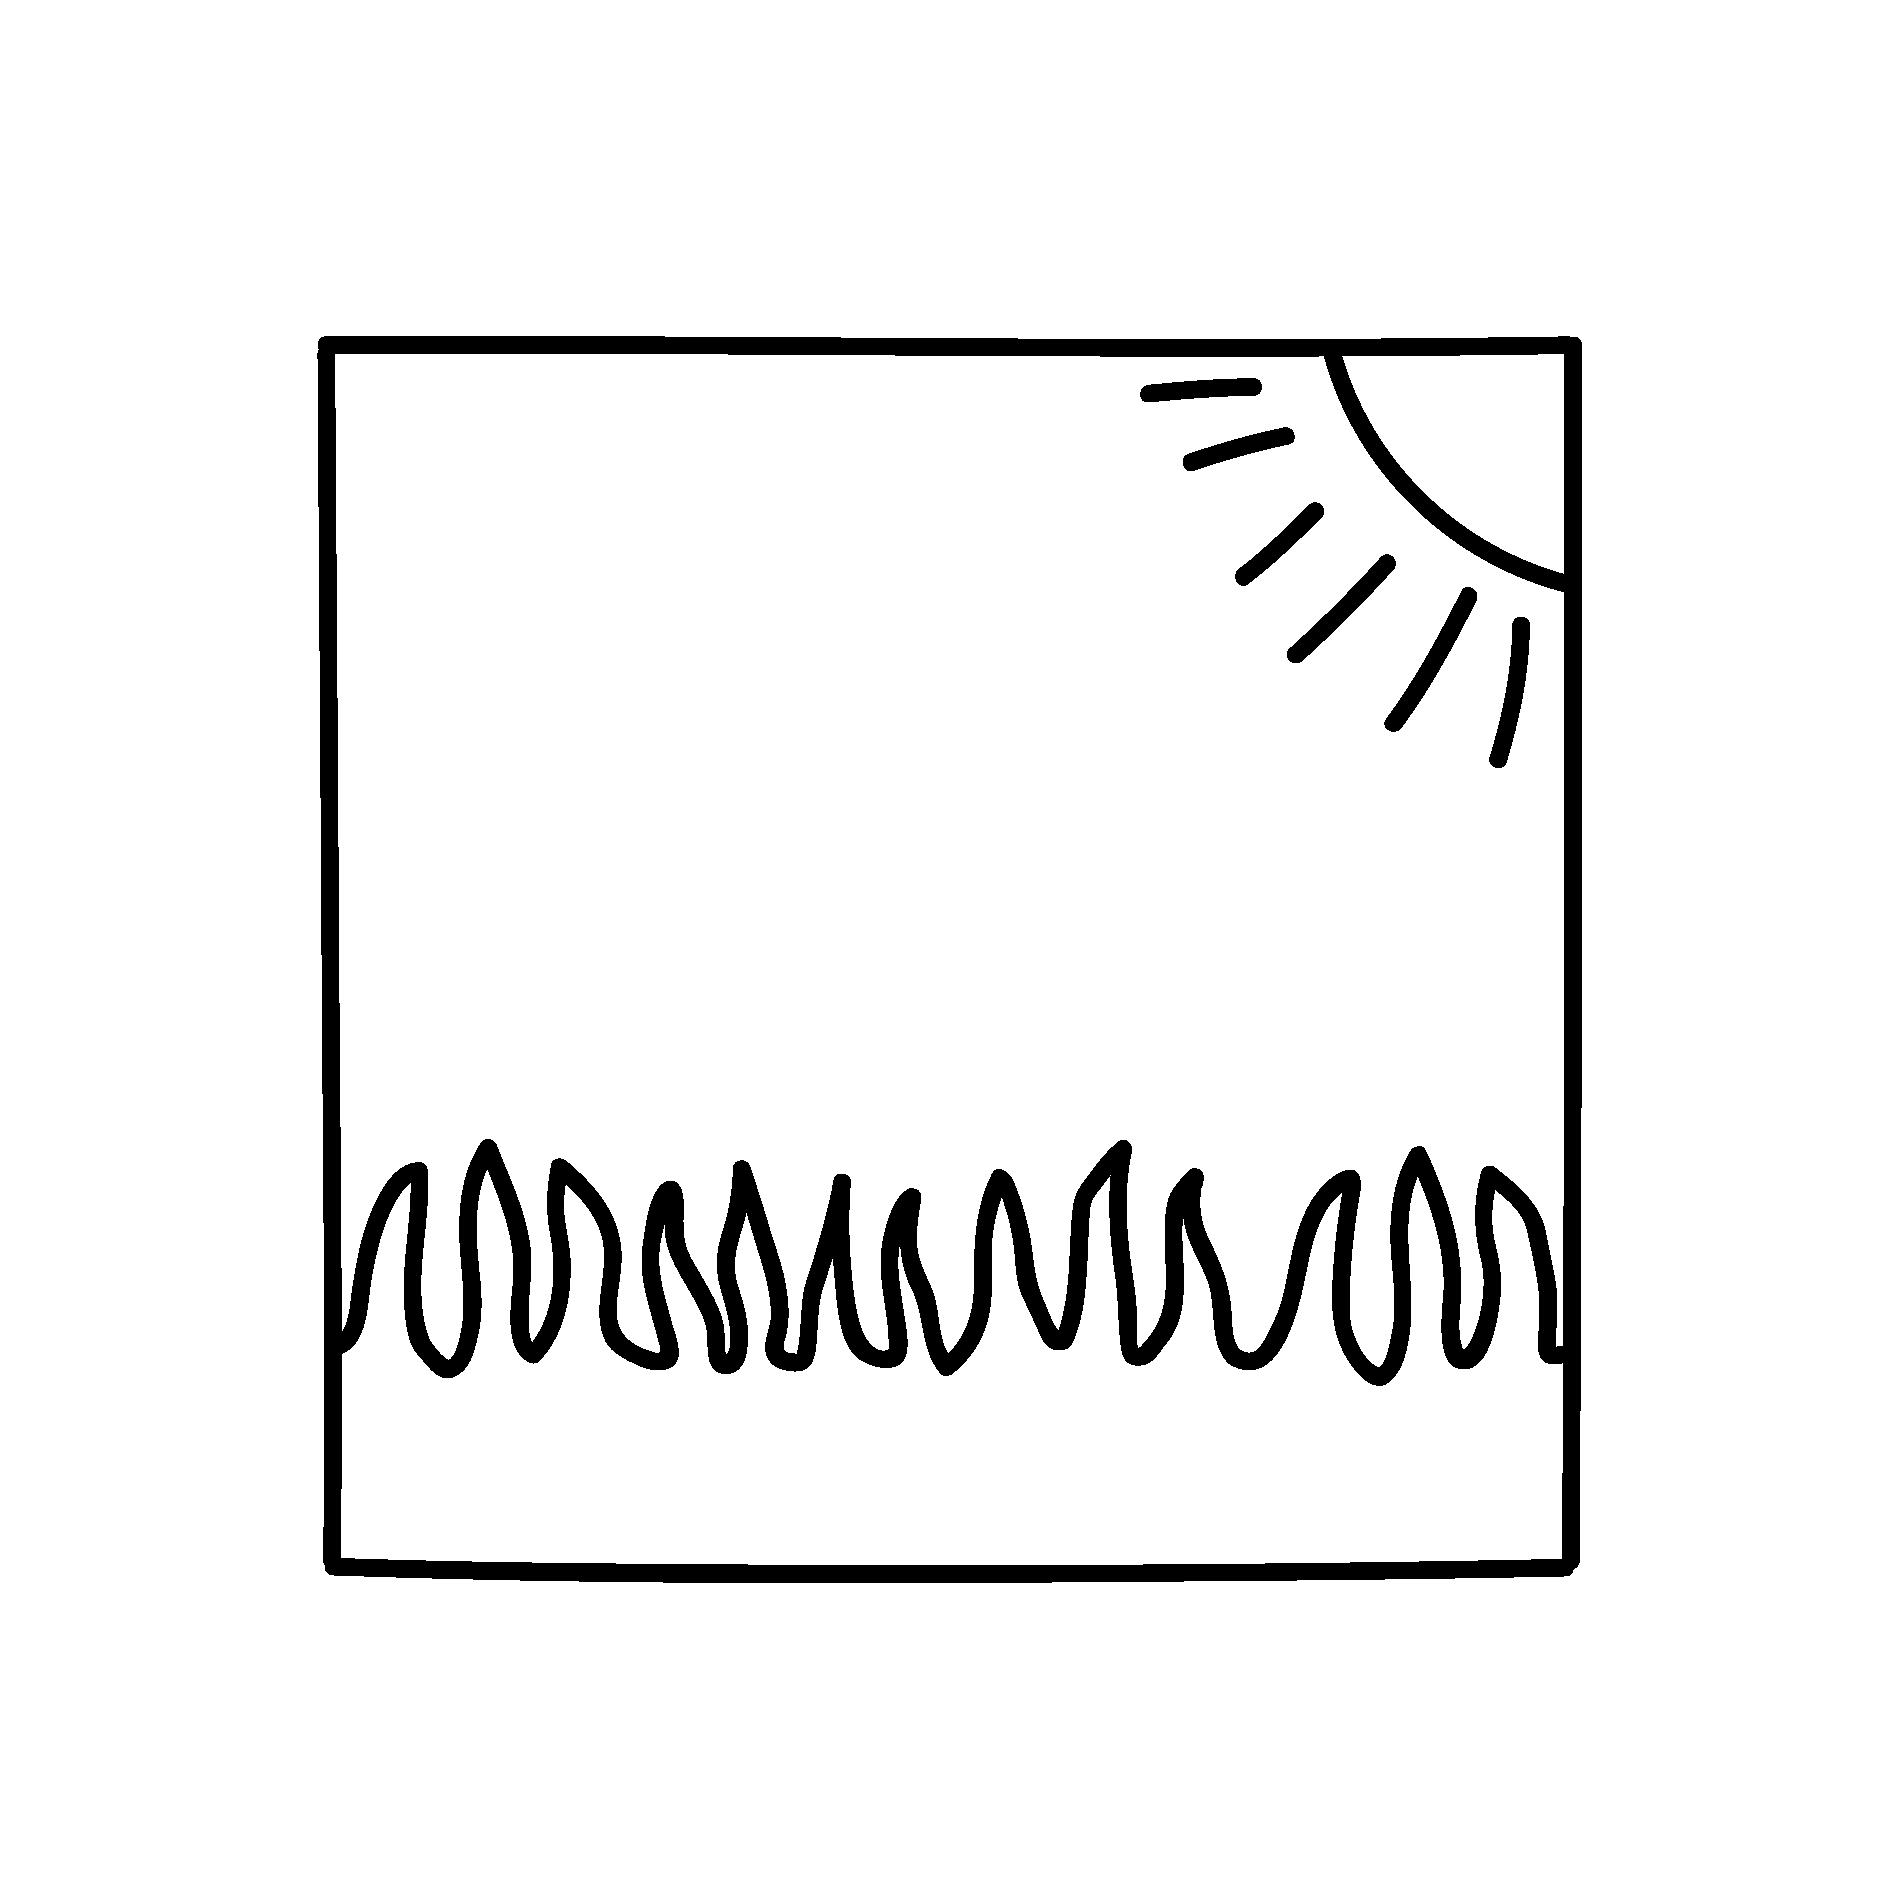 Knapillustrationsforpete-23.png